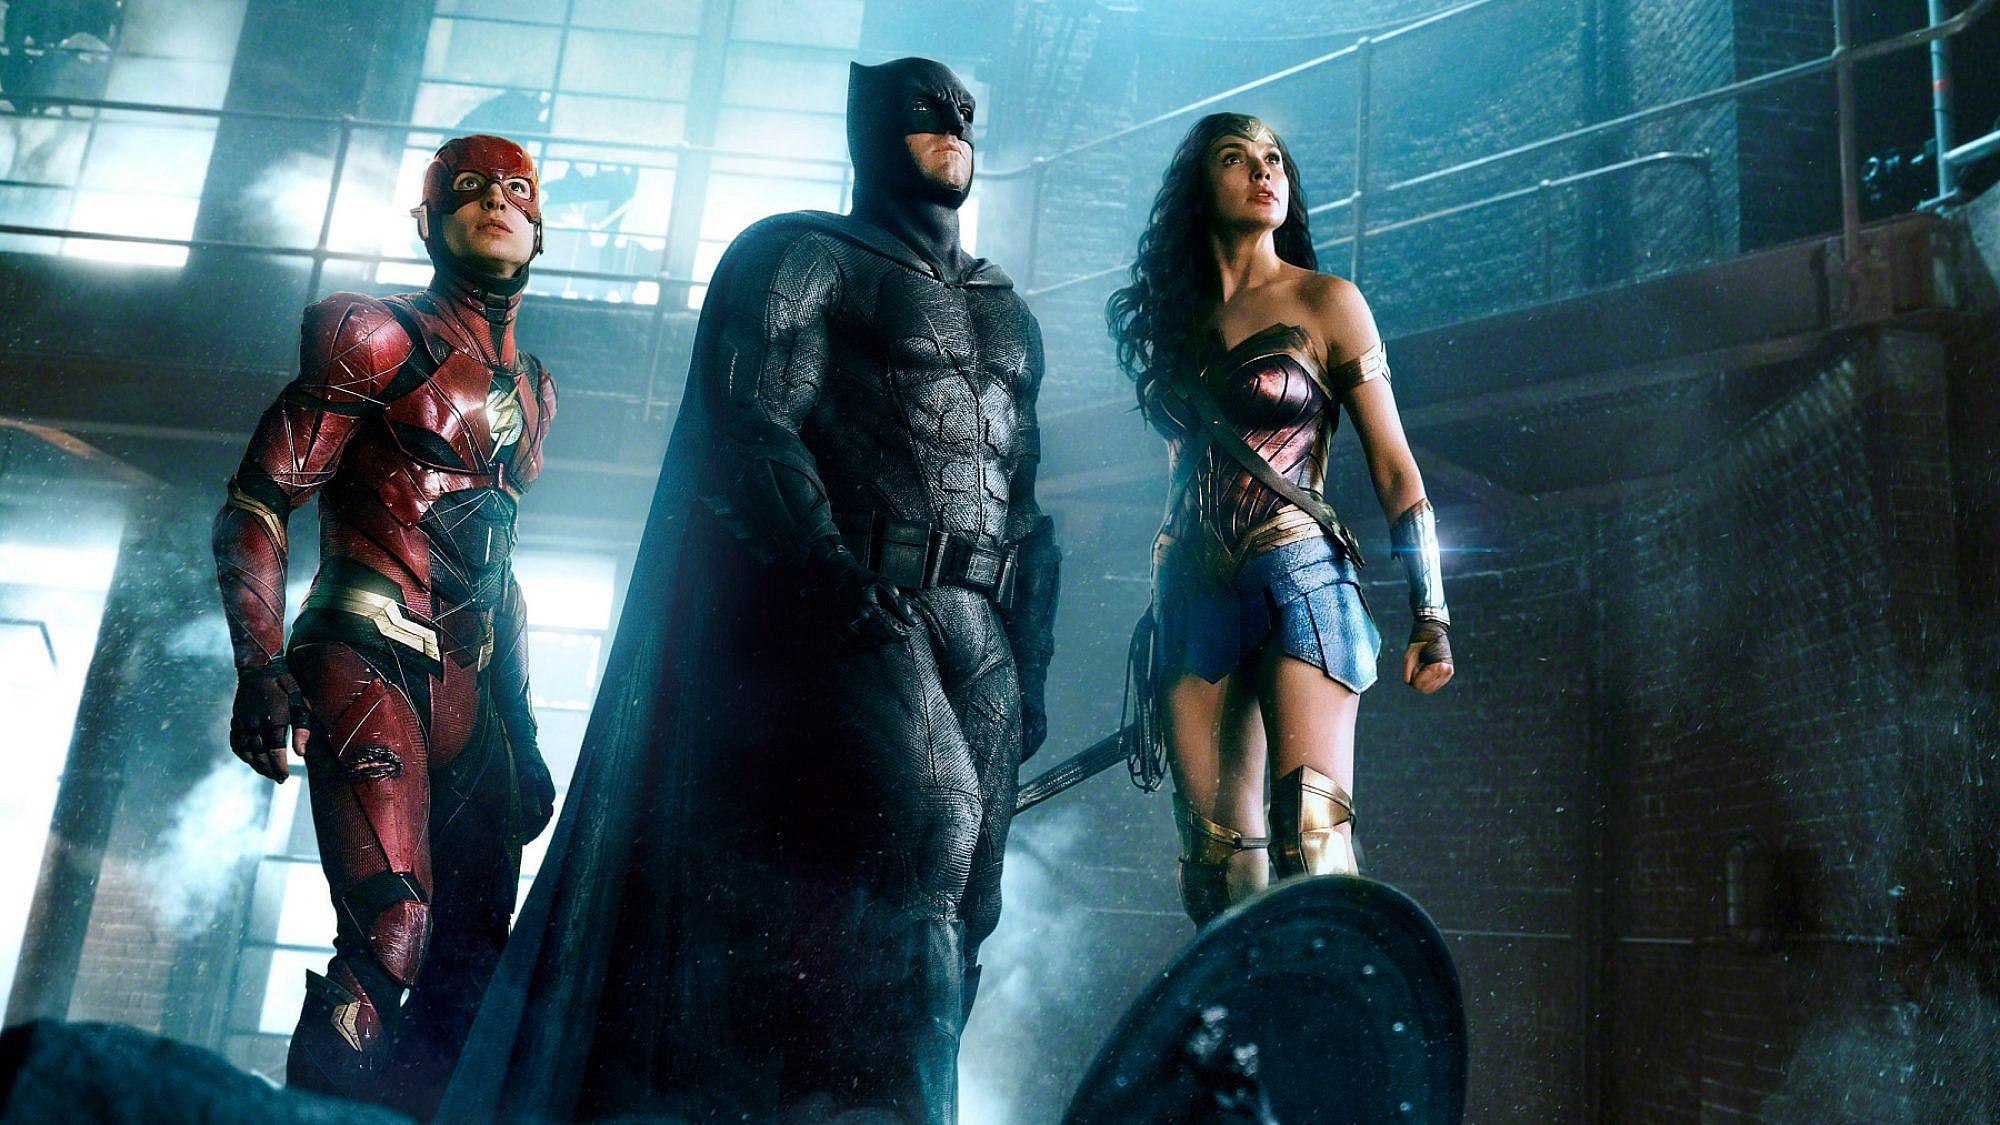 """משמאל: הדבר היחיד בסרט שאין לנו תלונות לגביו. ליגת הצדק: גרסת סניידר"""" (צילום: יחסי ציבור)"""